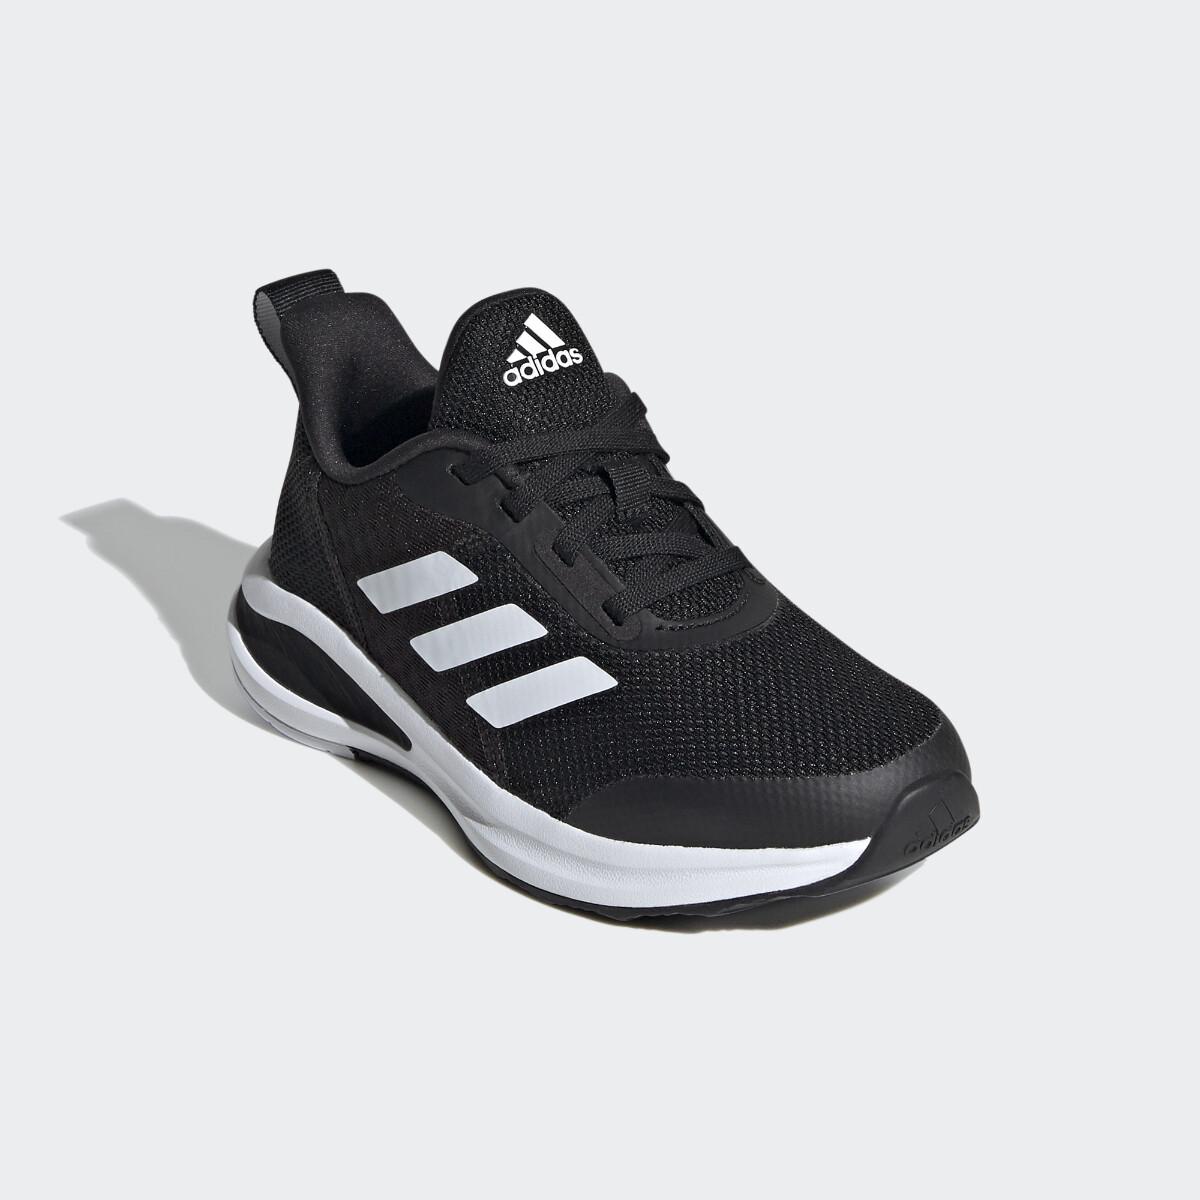 Sort  Adidas FortaRun Joggesko